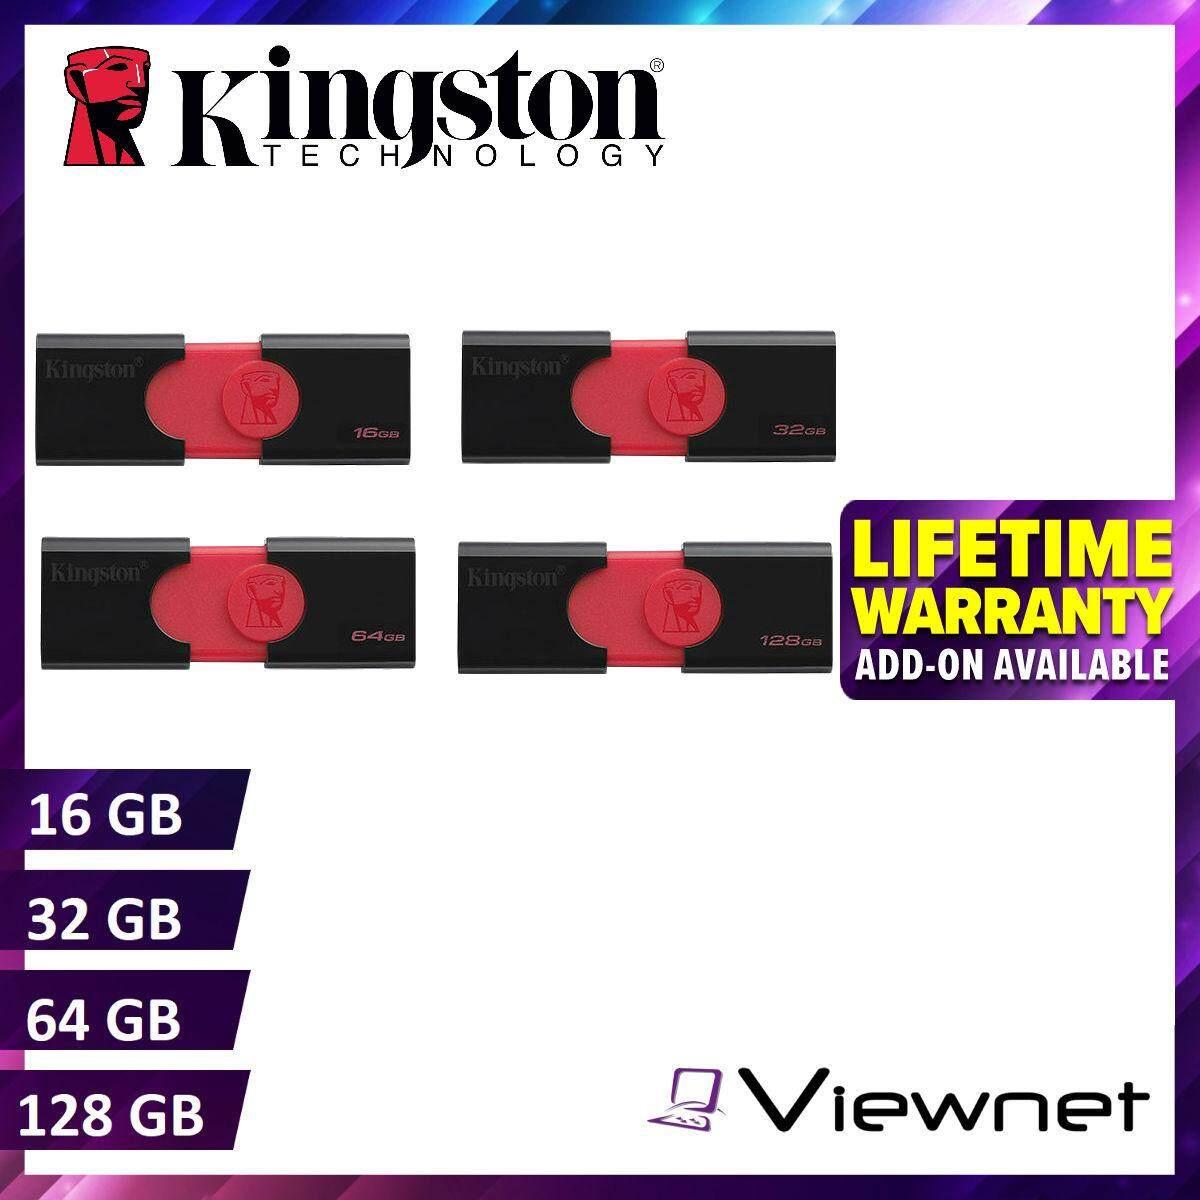 Kingston DataTraveler 106 16GB/32GB/64GB/128GB/256GB USB 3.0 Flash Drive (DT106/16GB/32GB/64GB/128GB/256GB) Pendrive